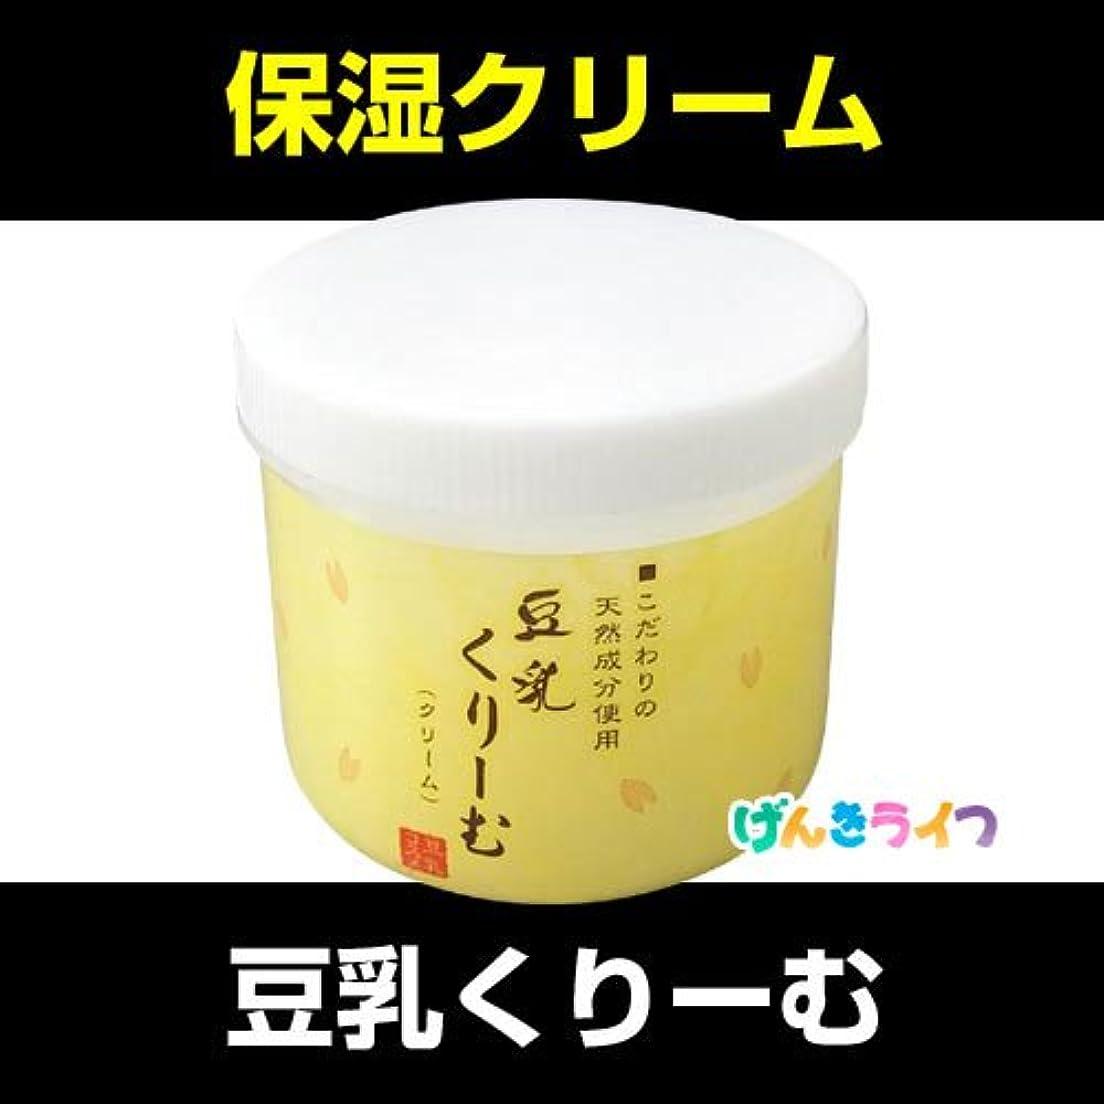 重さハプニングロビー吉野ふじや謹製 とうにゅうくりーむ(豆乳クリーム)【2個】